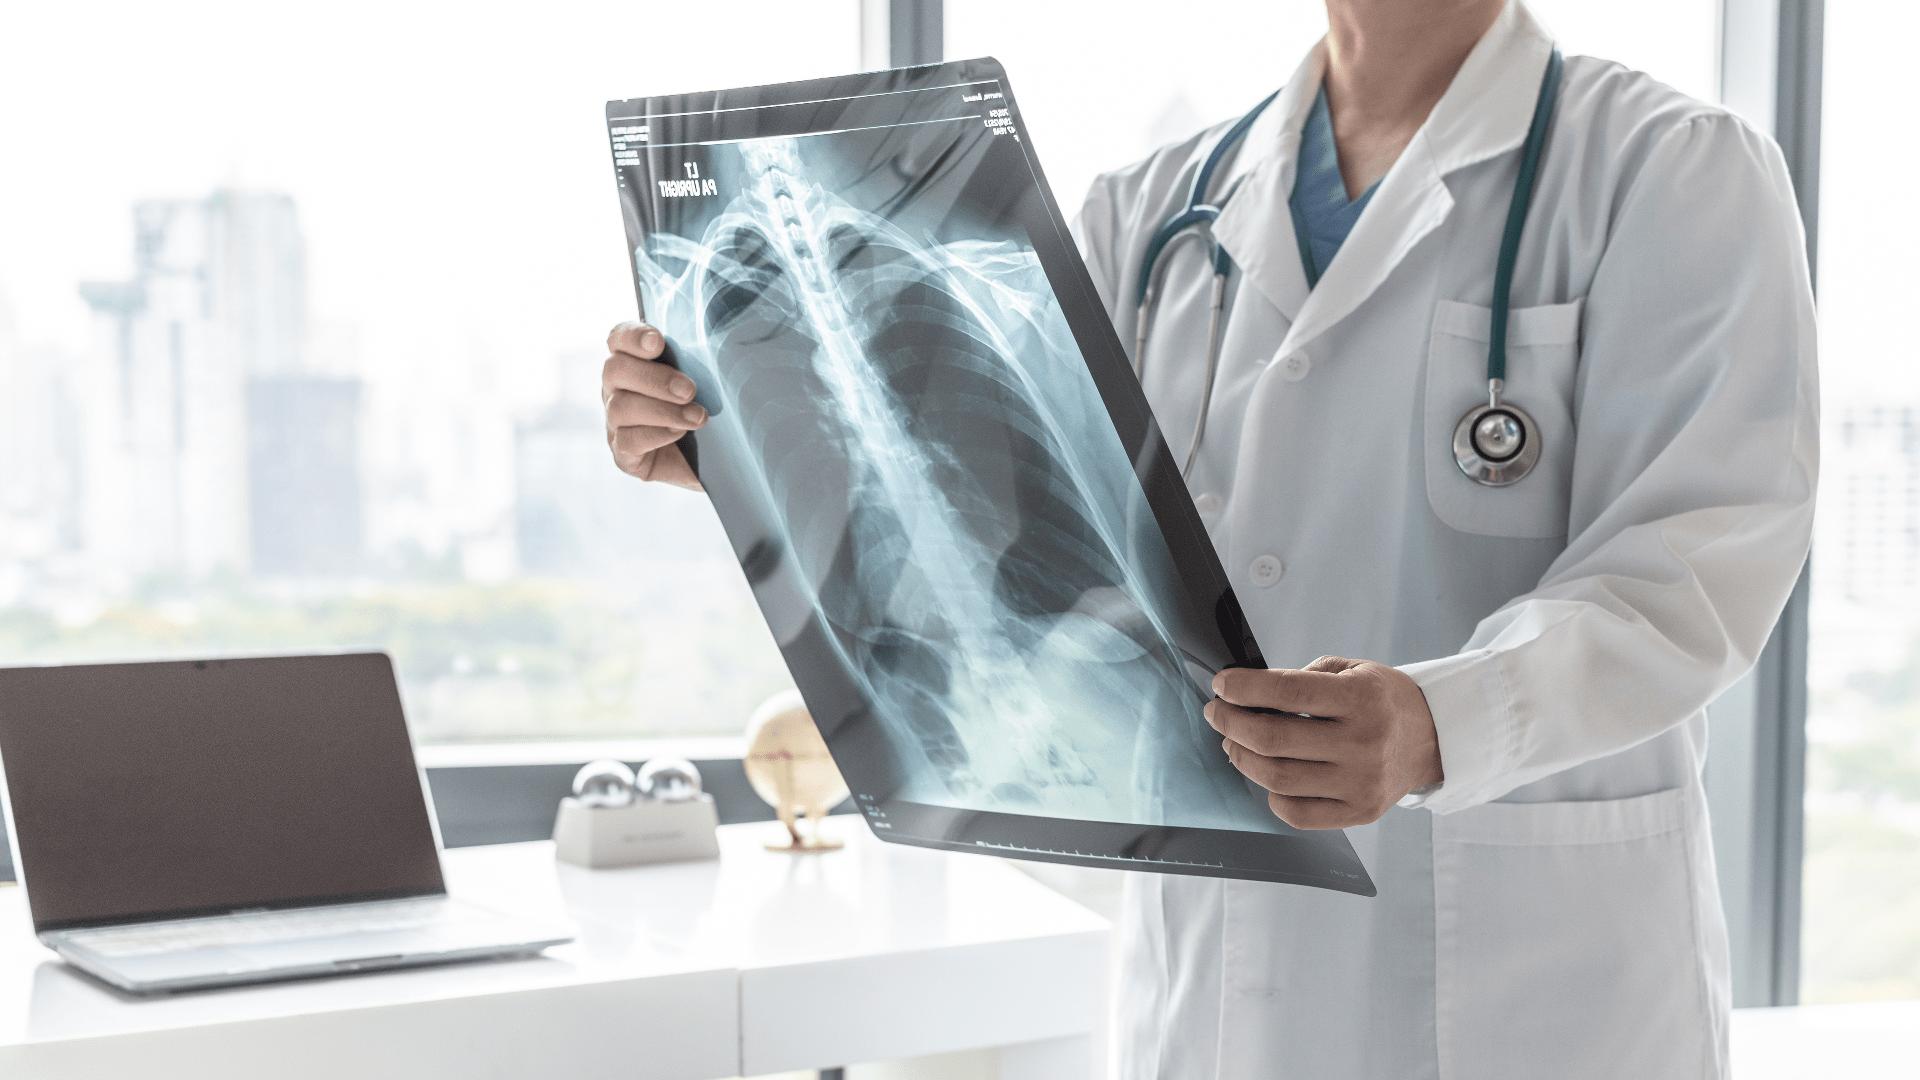 Das Definition für Knochenkrebs